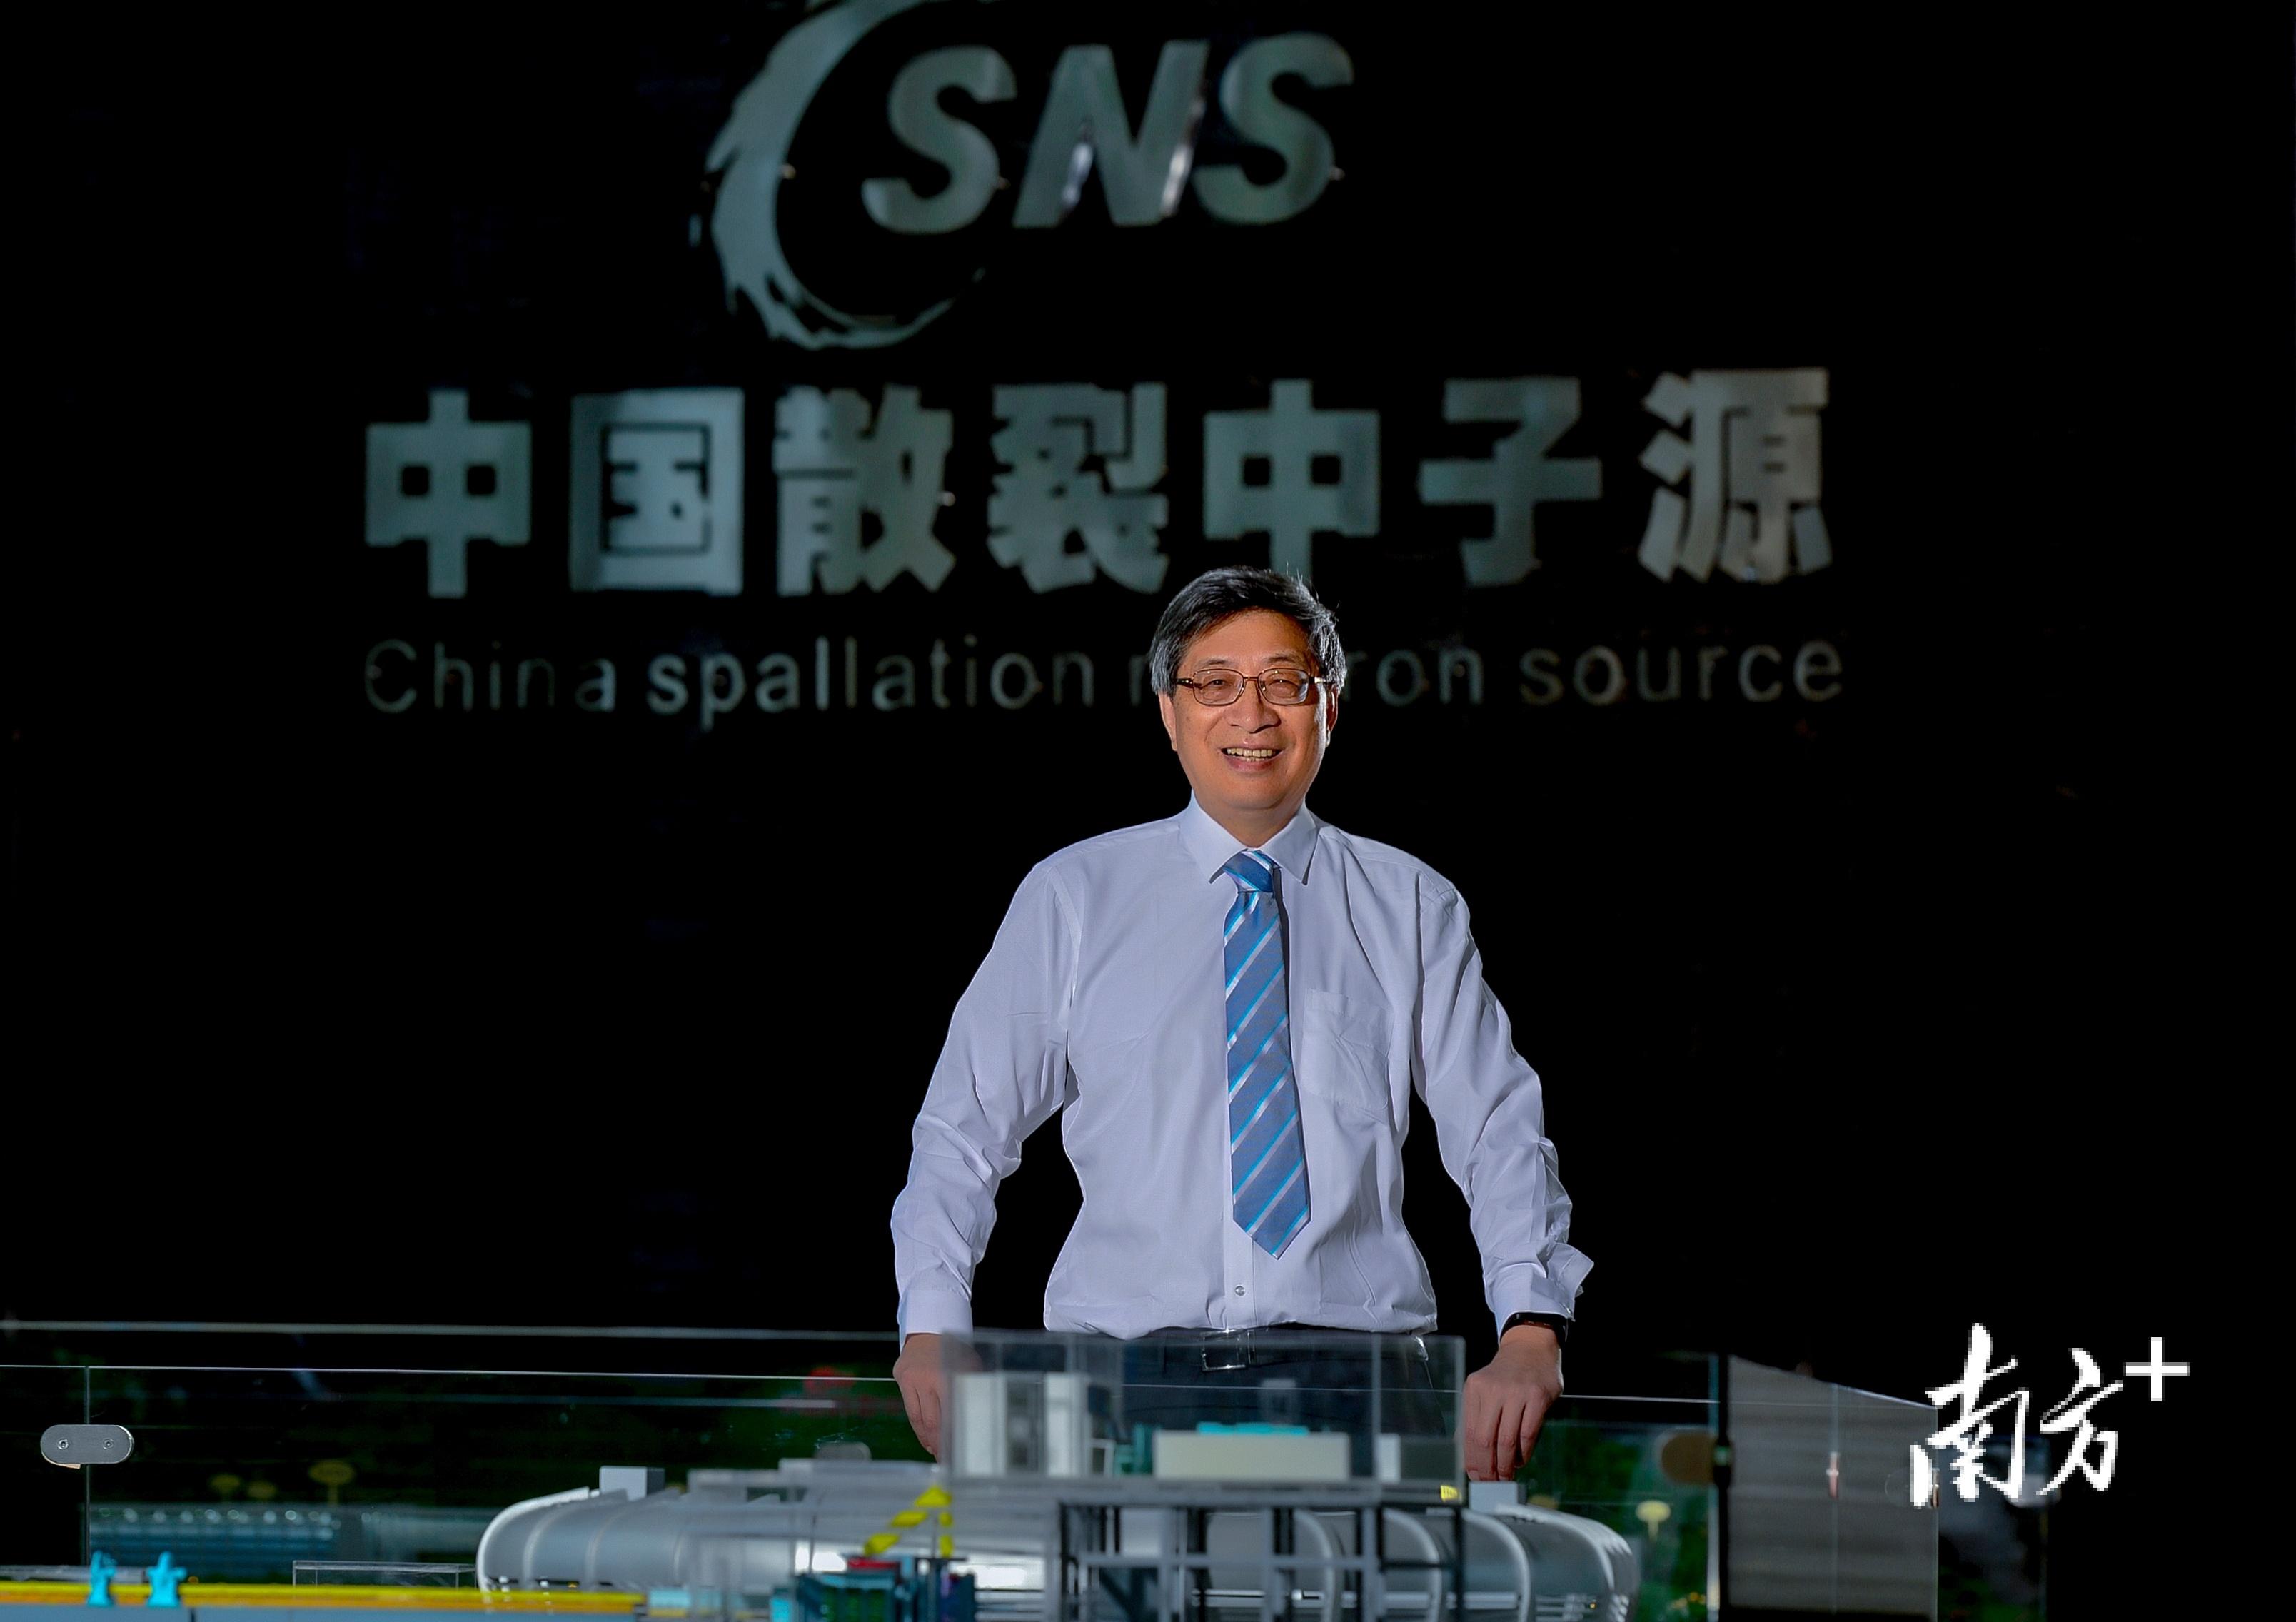 中国科学院院士、中国散裂中子源工程总指挥陈和生